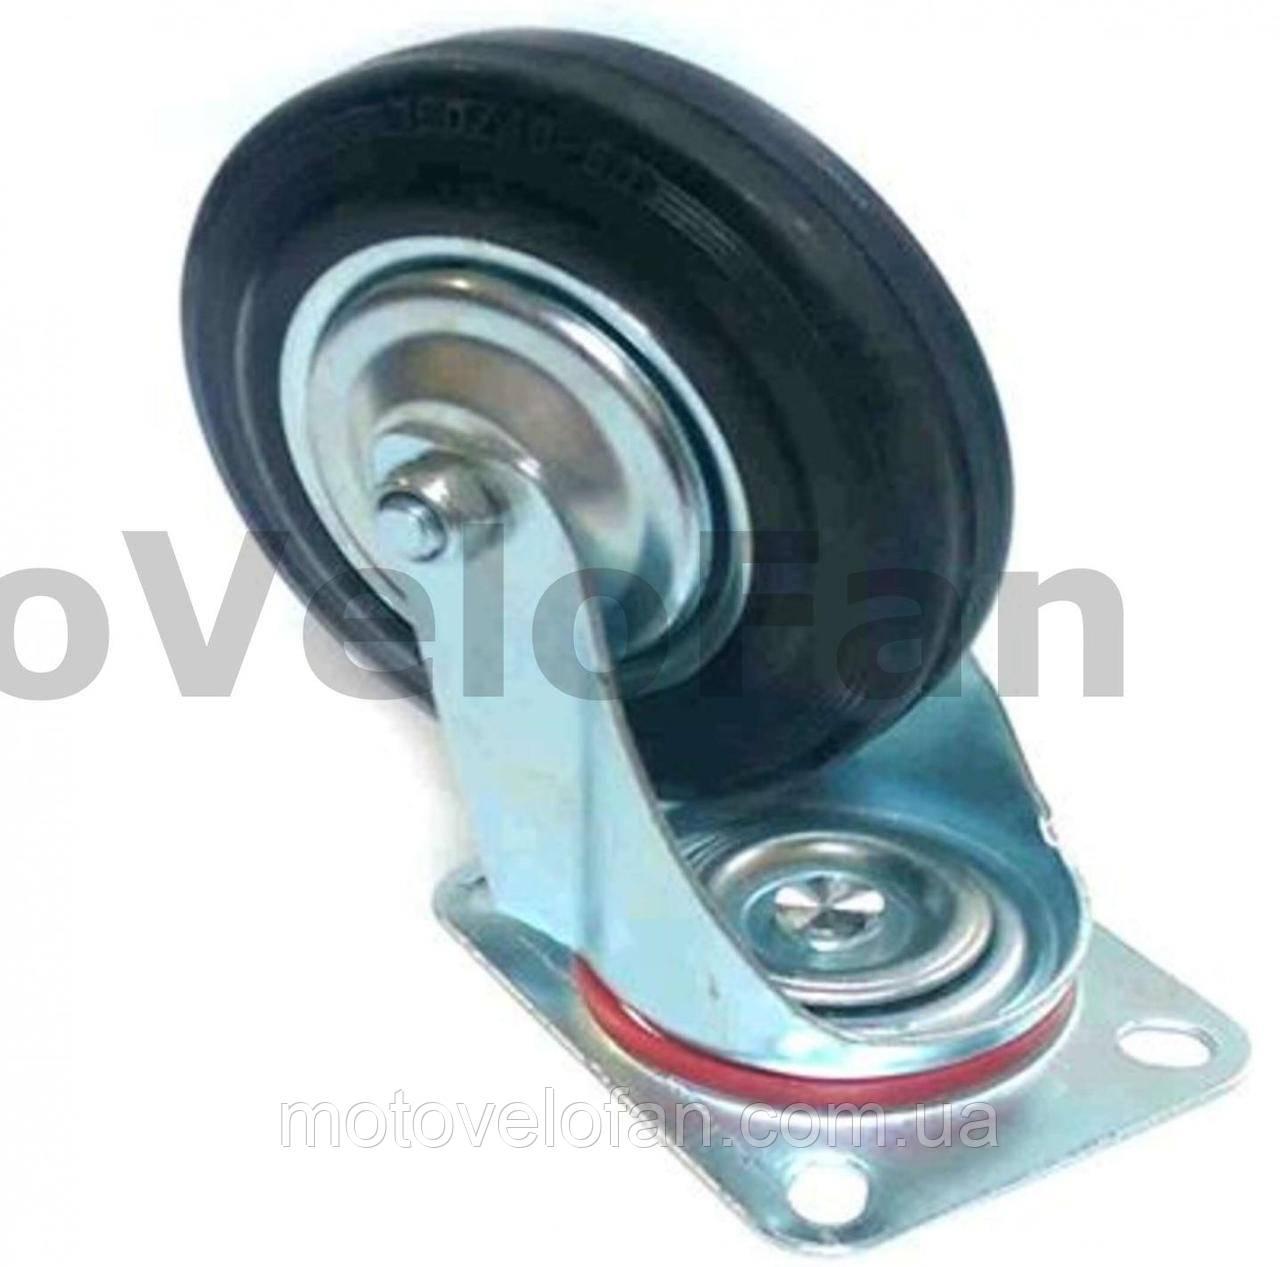 Колесо для тачек и платформ (литая резина) (в сборе с креплением, поворотное)   (160/40-80mm)   ELIT